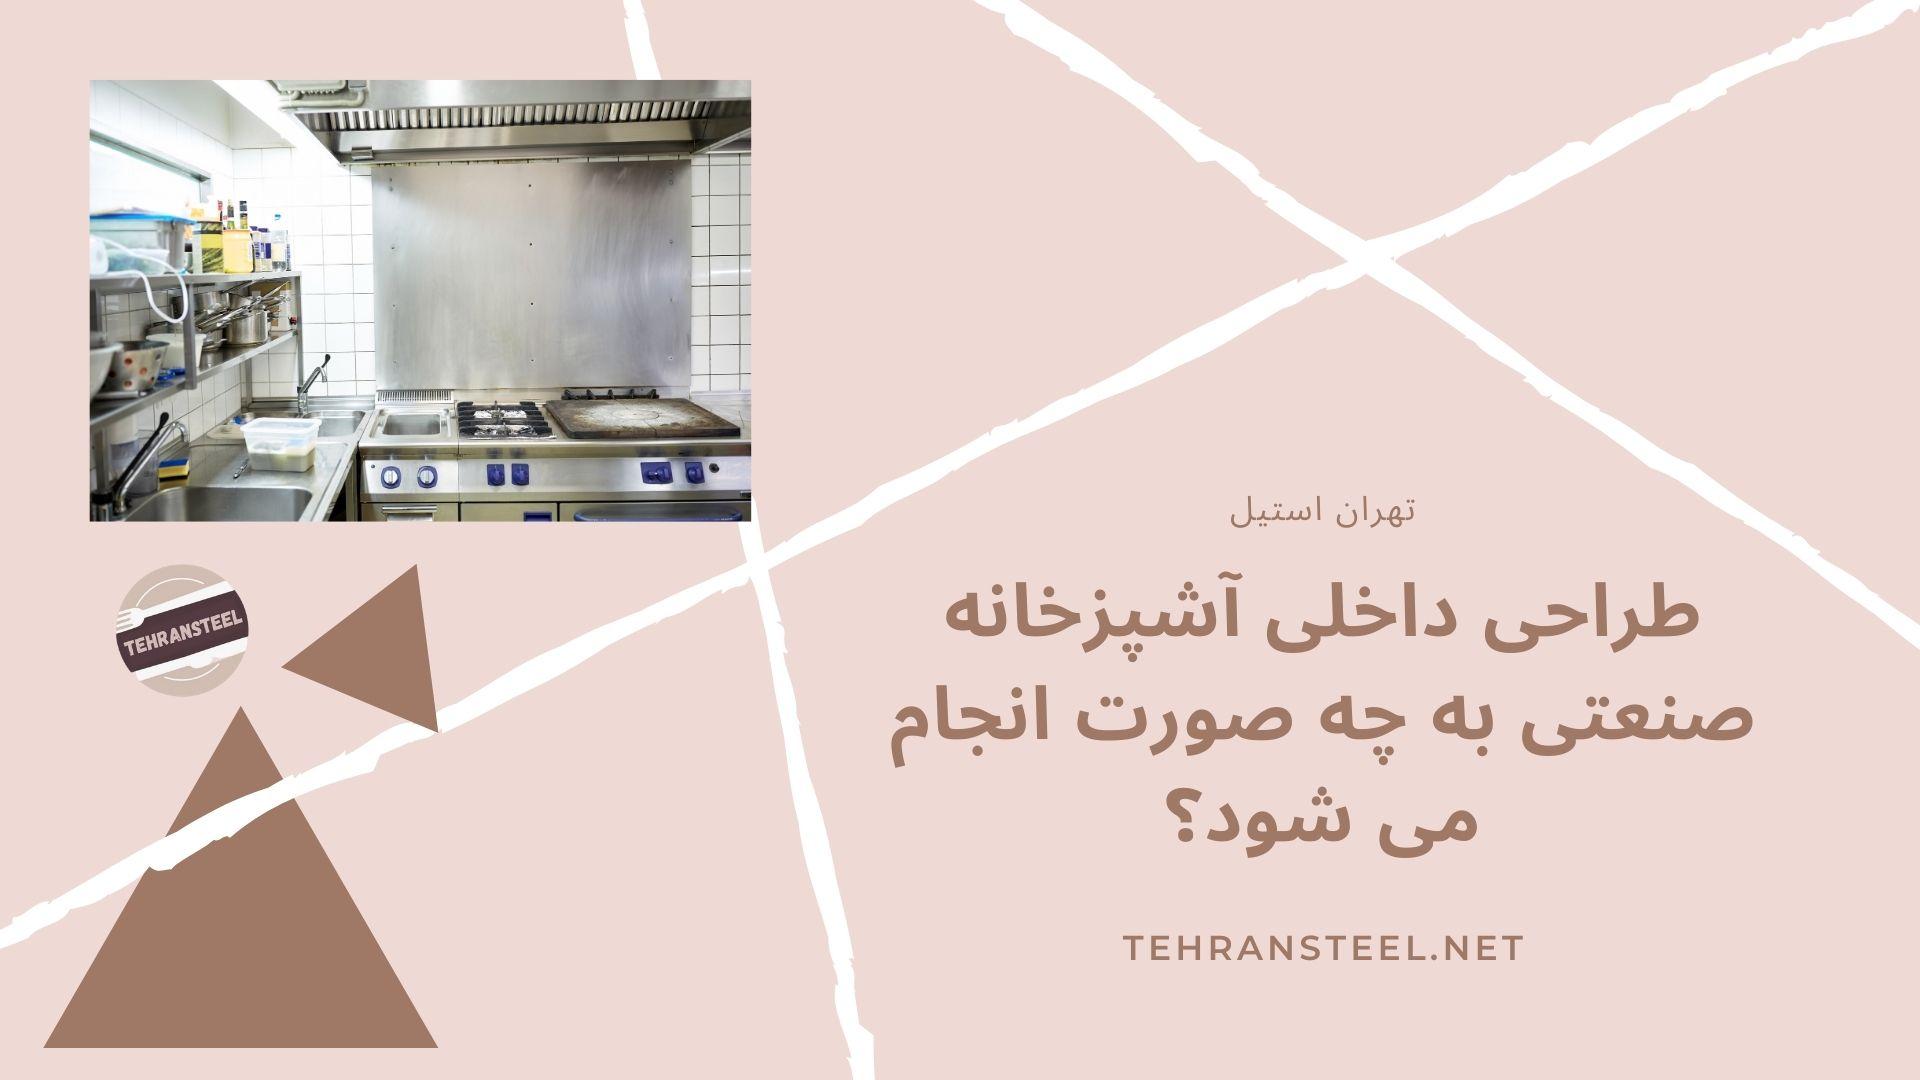 طراحی داخلی آشپزخانه صنعتی به چه صورت انجام می شود؟